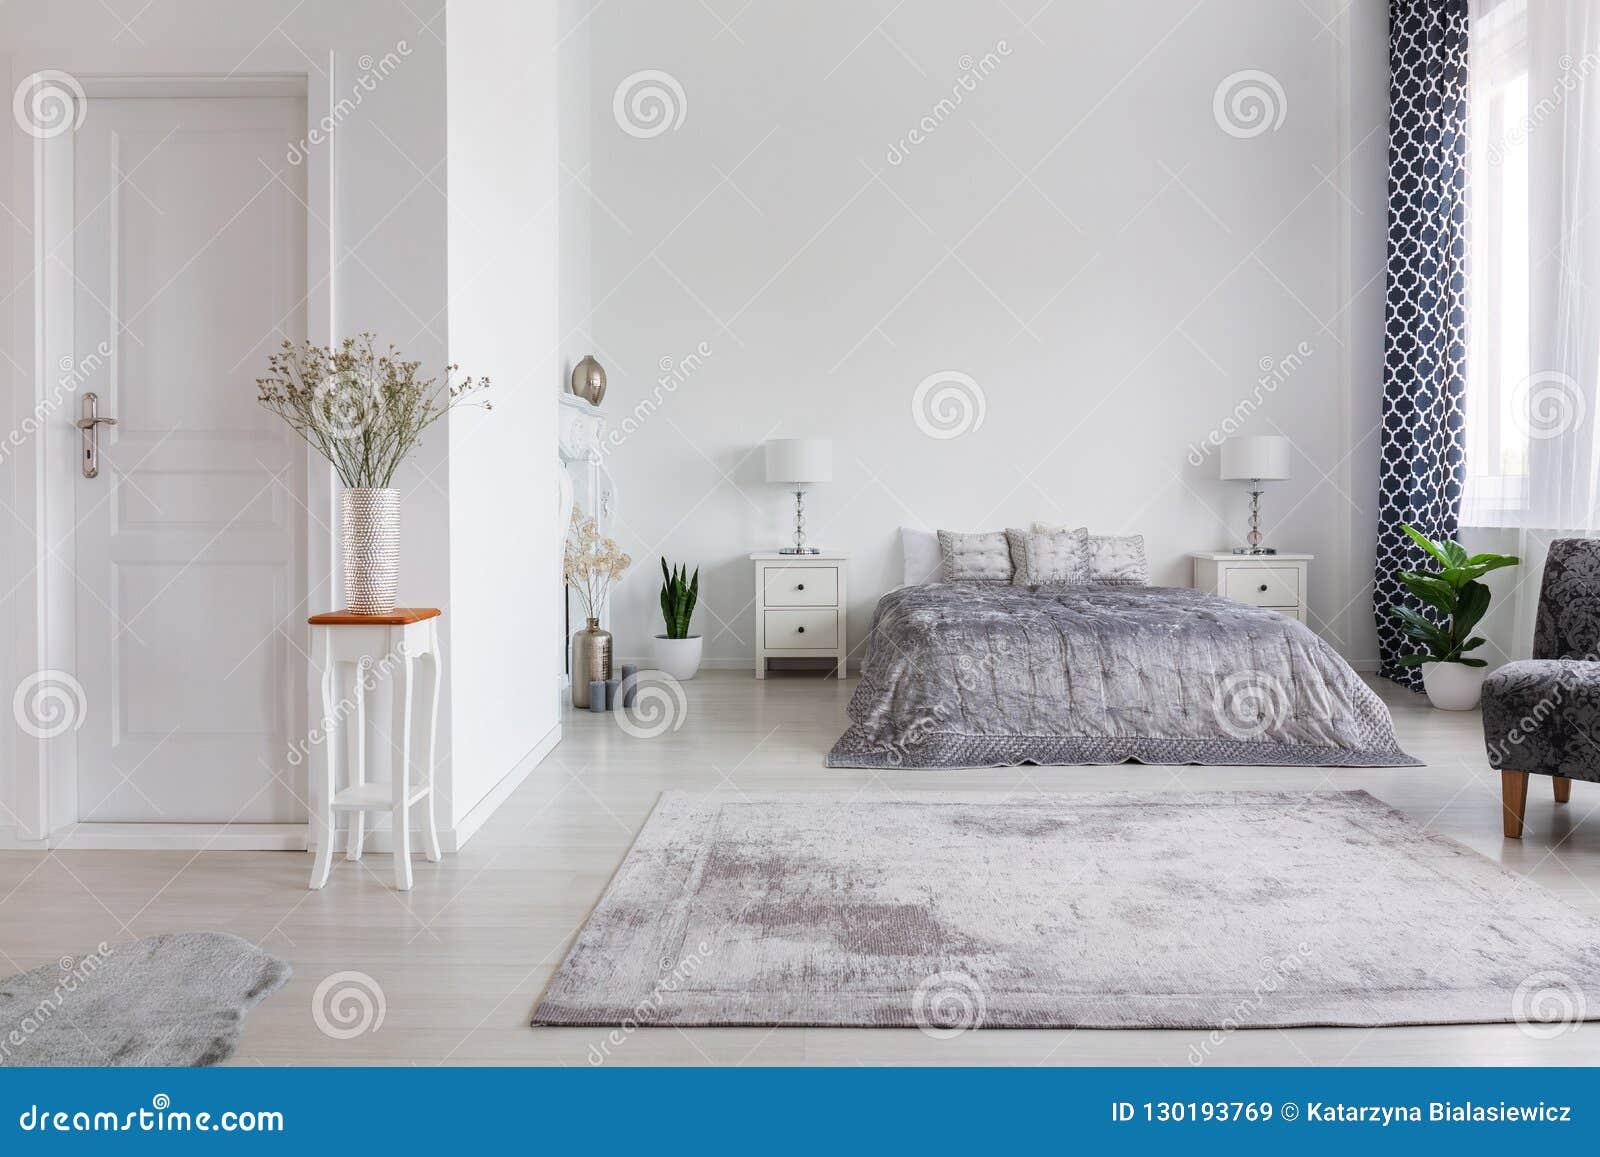 Camera Da Letto Elegante camera da letto elegante di stile di new york con il letto